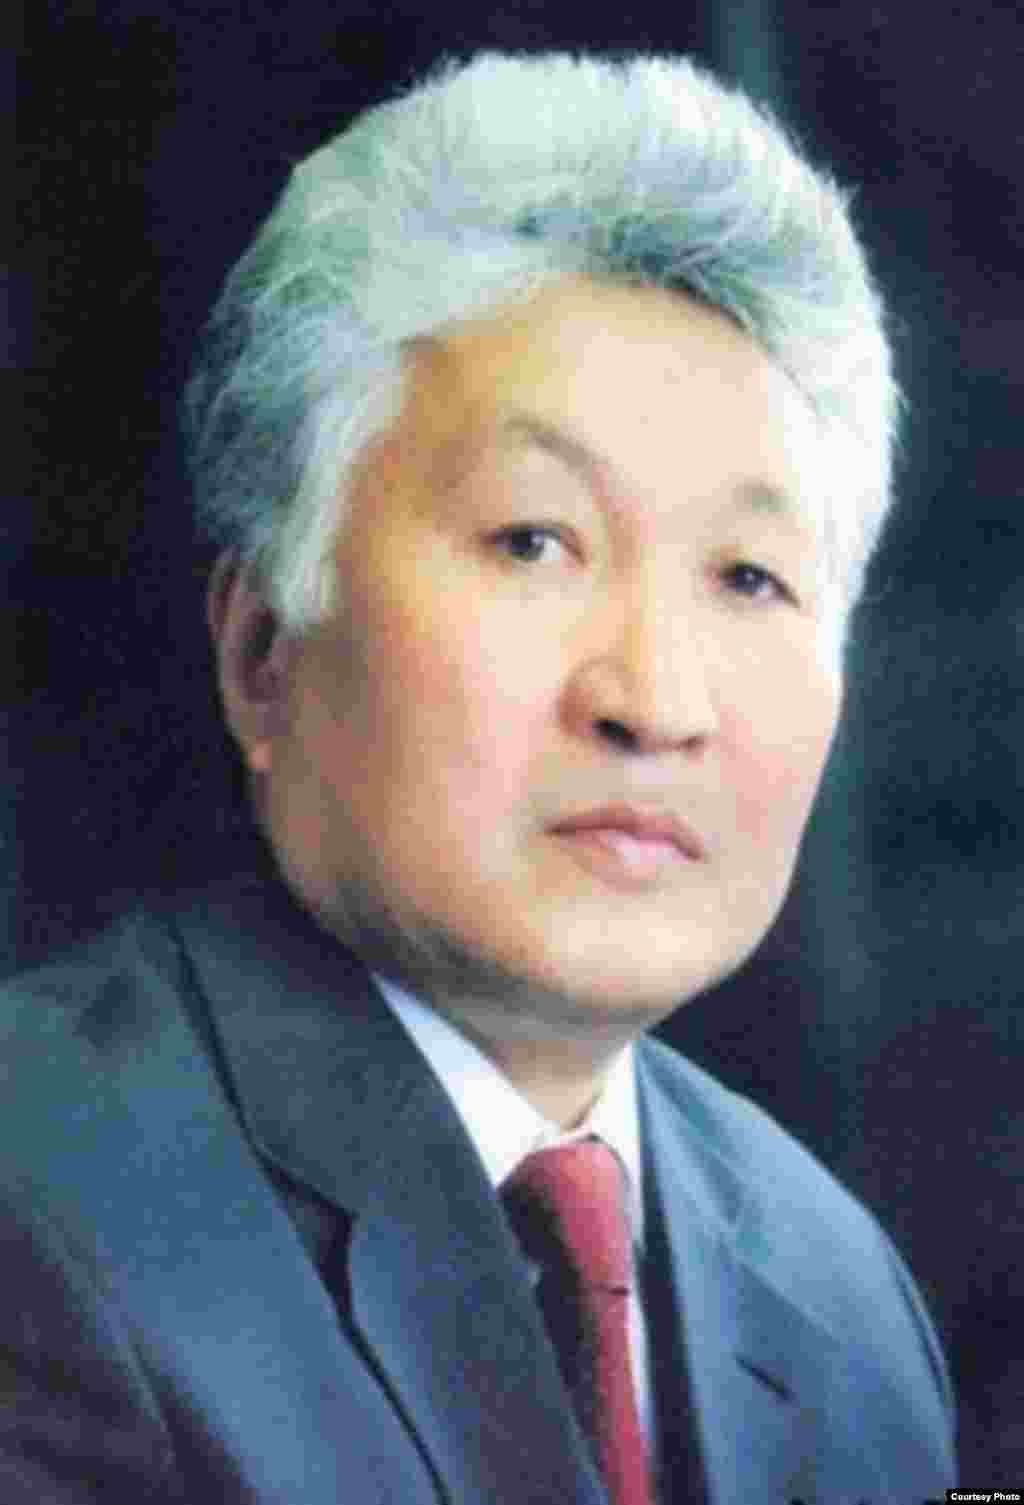 Турсунбек Чынгышев работал премьер-министром с 10 февраля 1992 года по 13 декабря 1993 года.